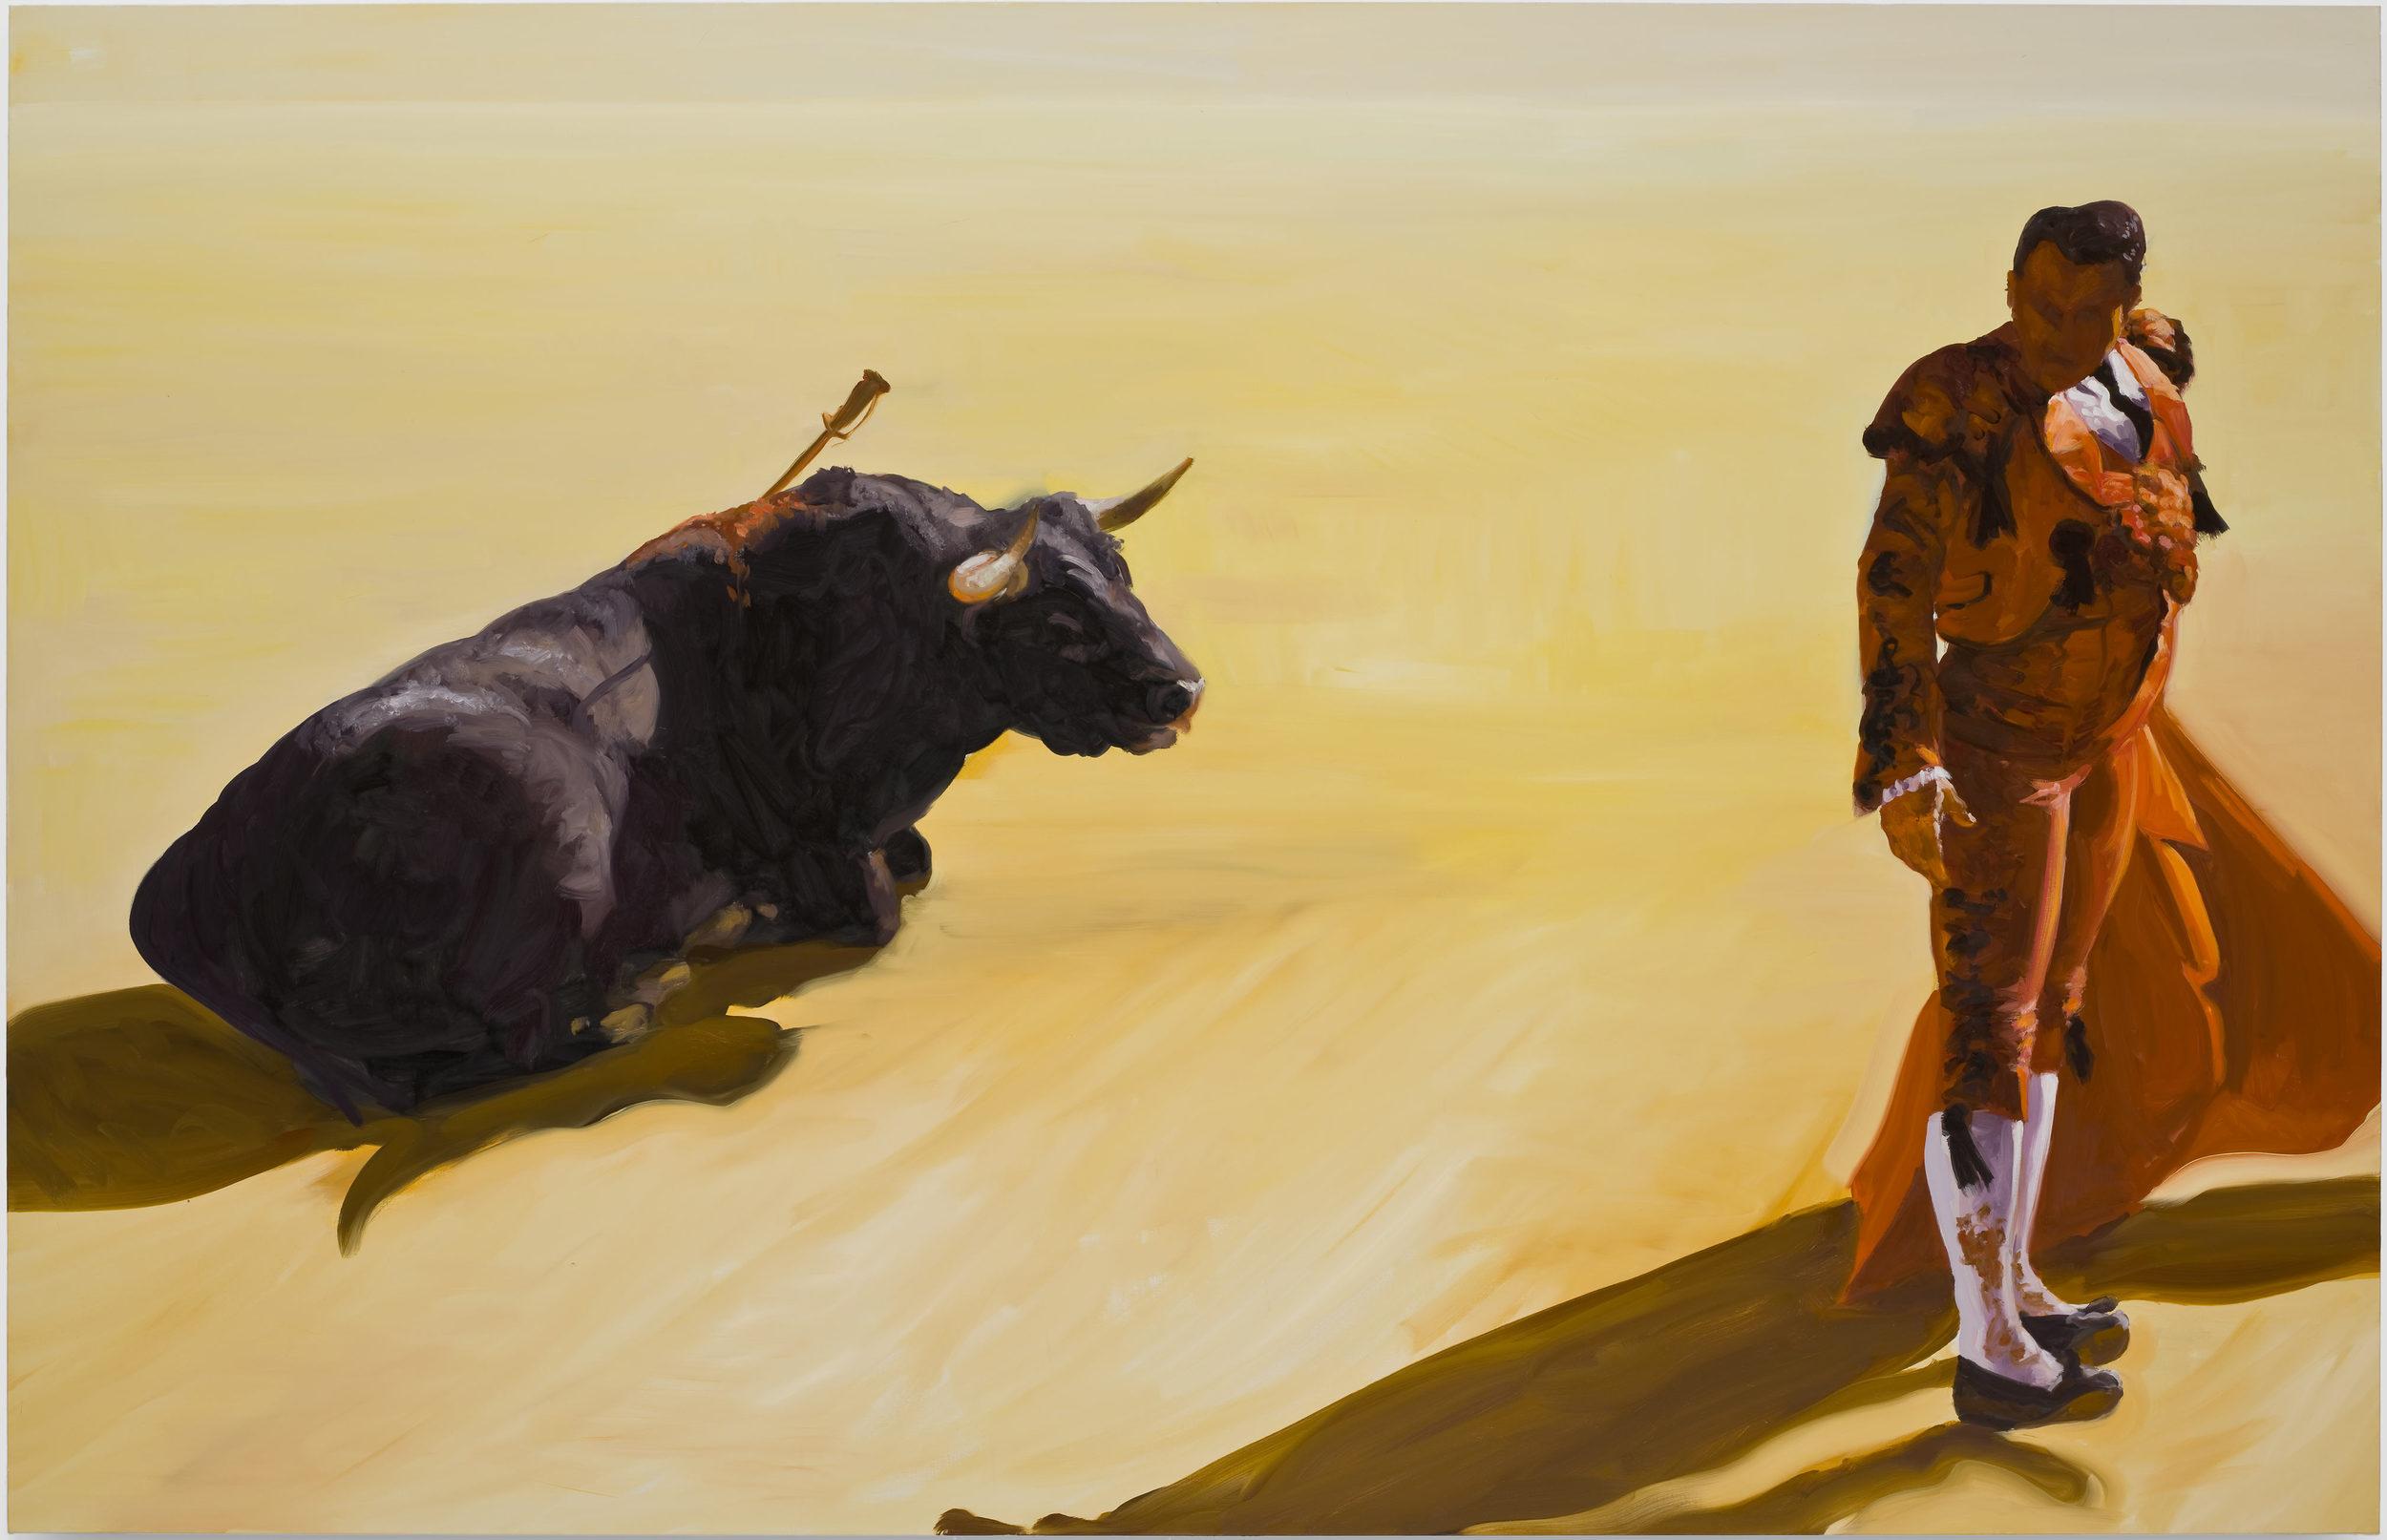 Corrida in Ronda #4, 2008. Oil on Linen. 78 x 120 in. (198 x 305 cm.)